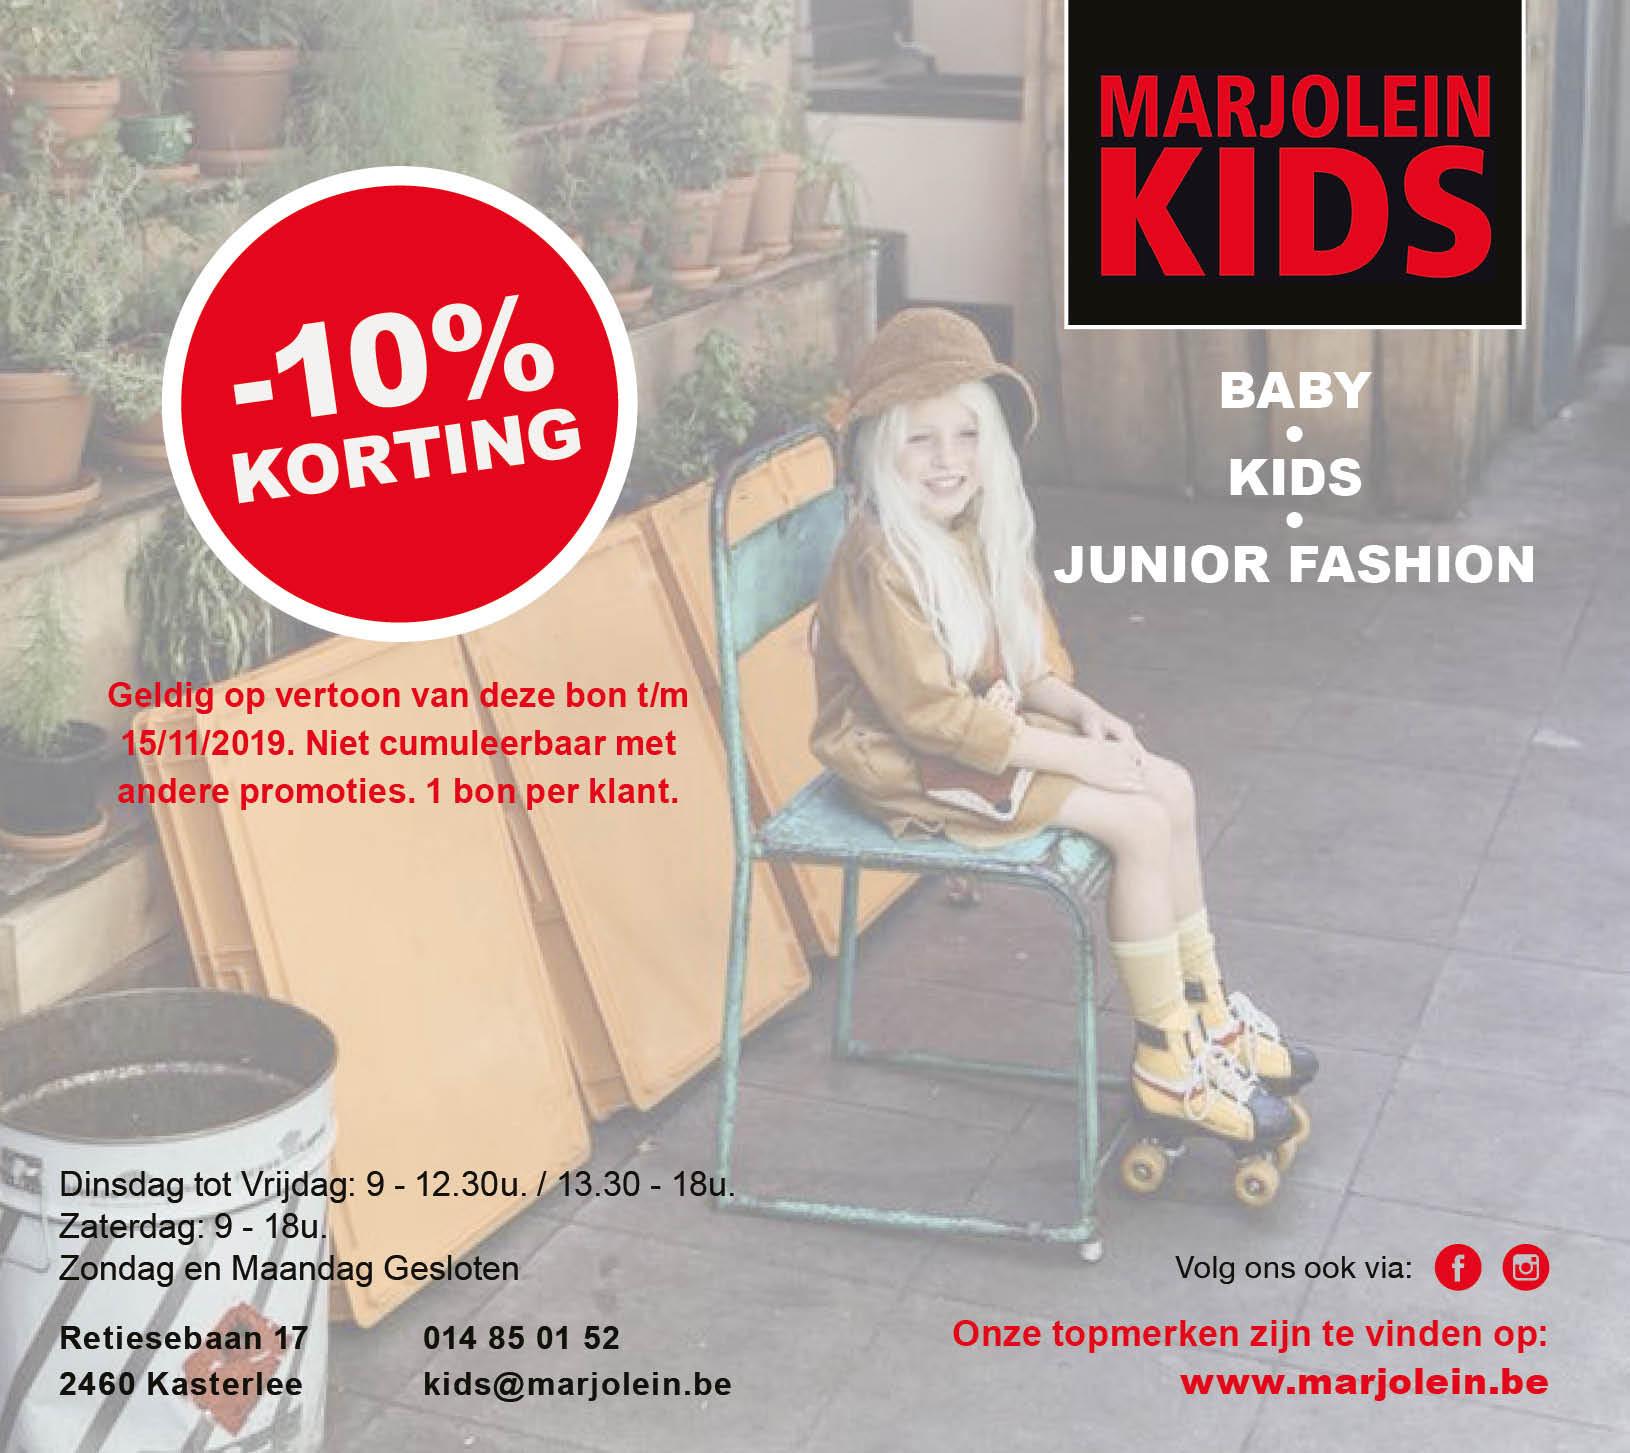 marjolein kids